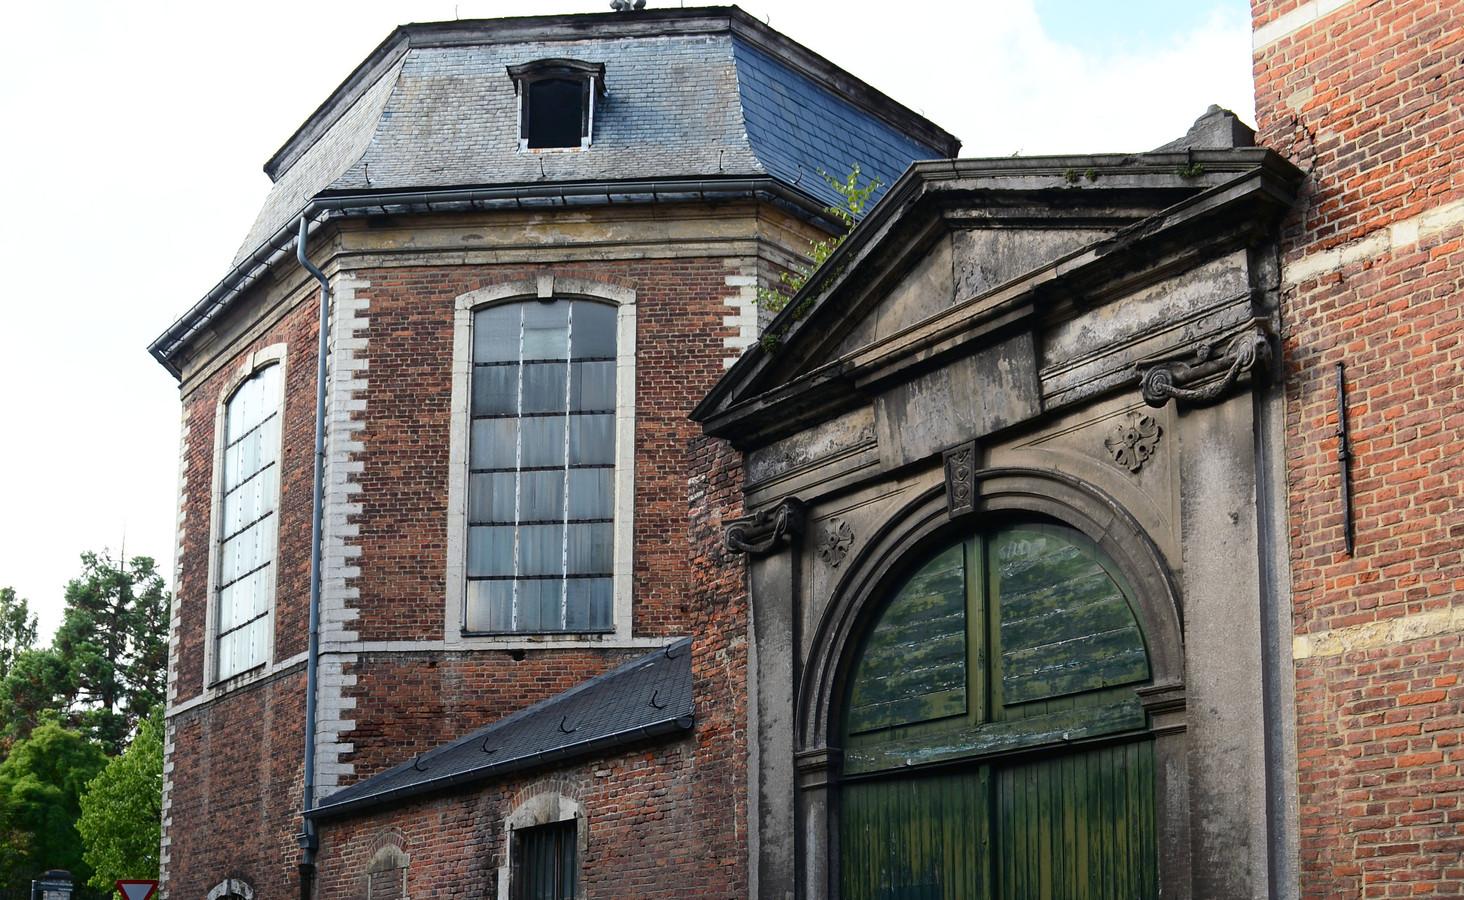 Anatomisch Theater in Leuven